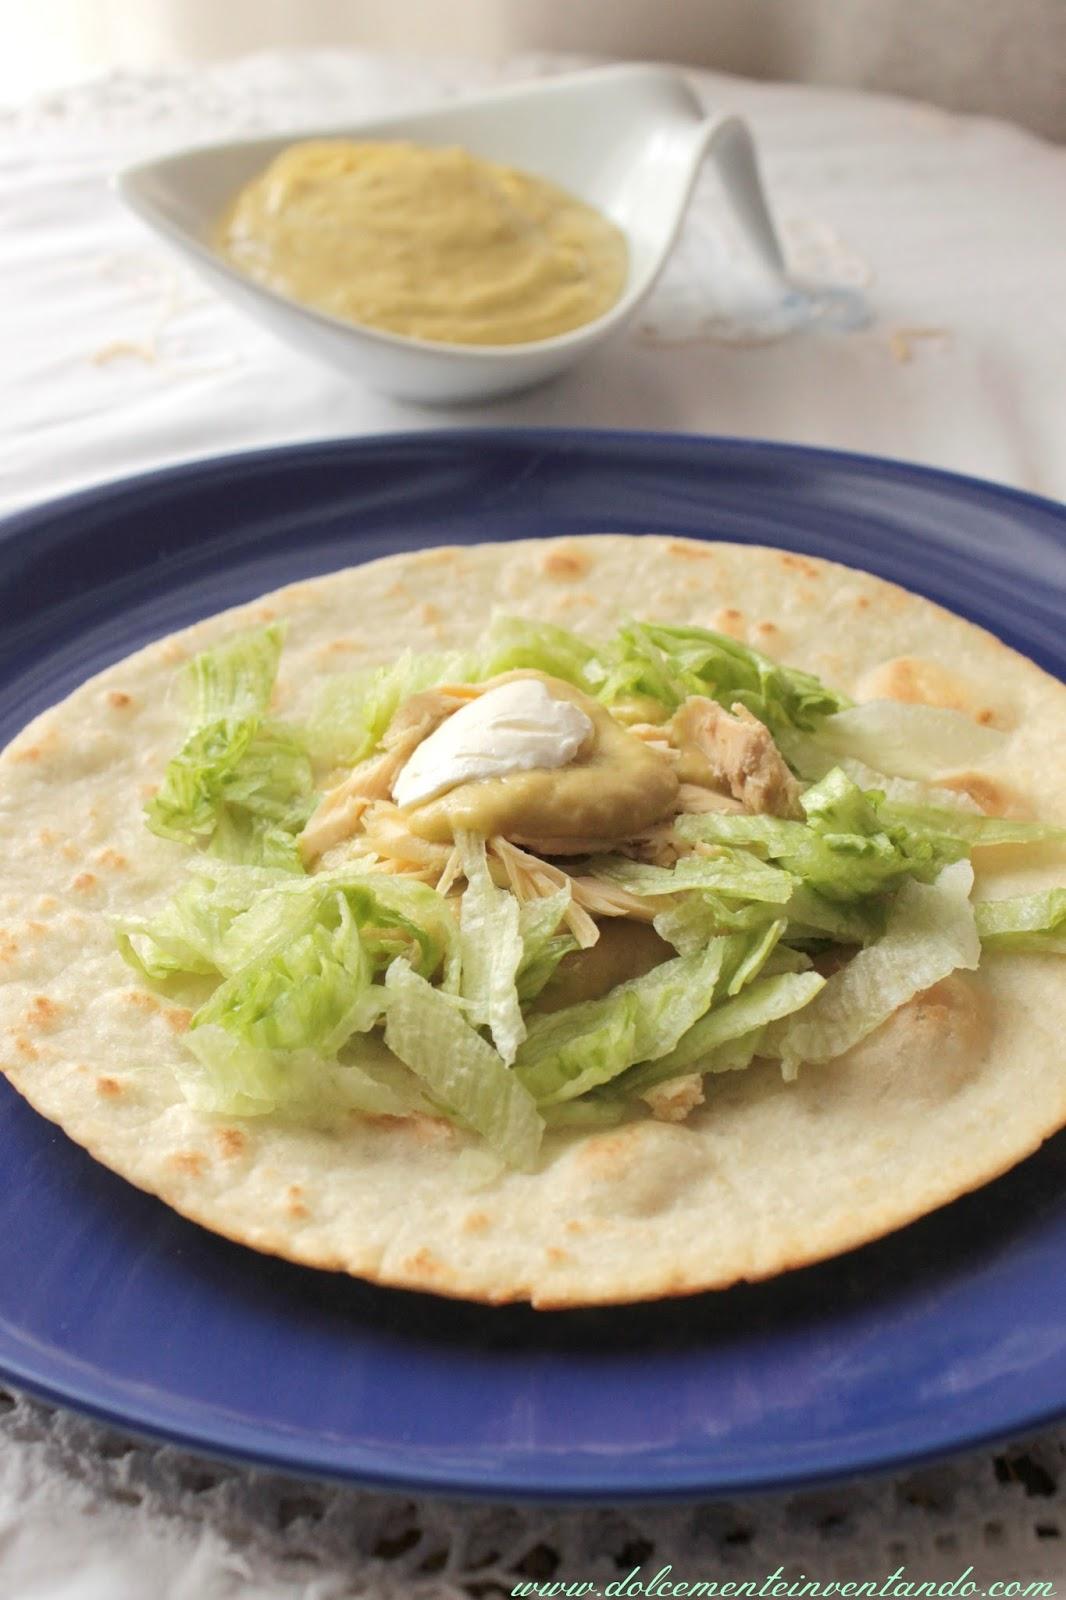 tostadas de pollo...uno dei miei piatti preferiti della cucina messicana!